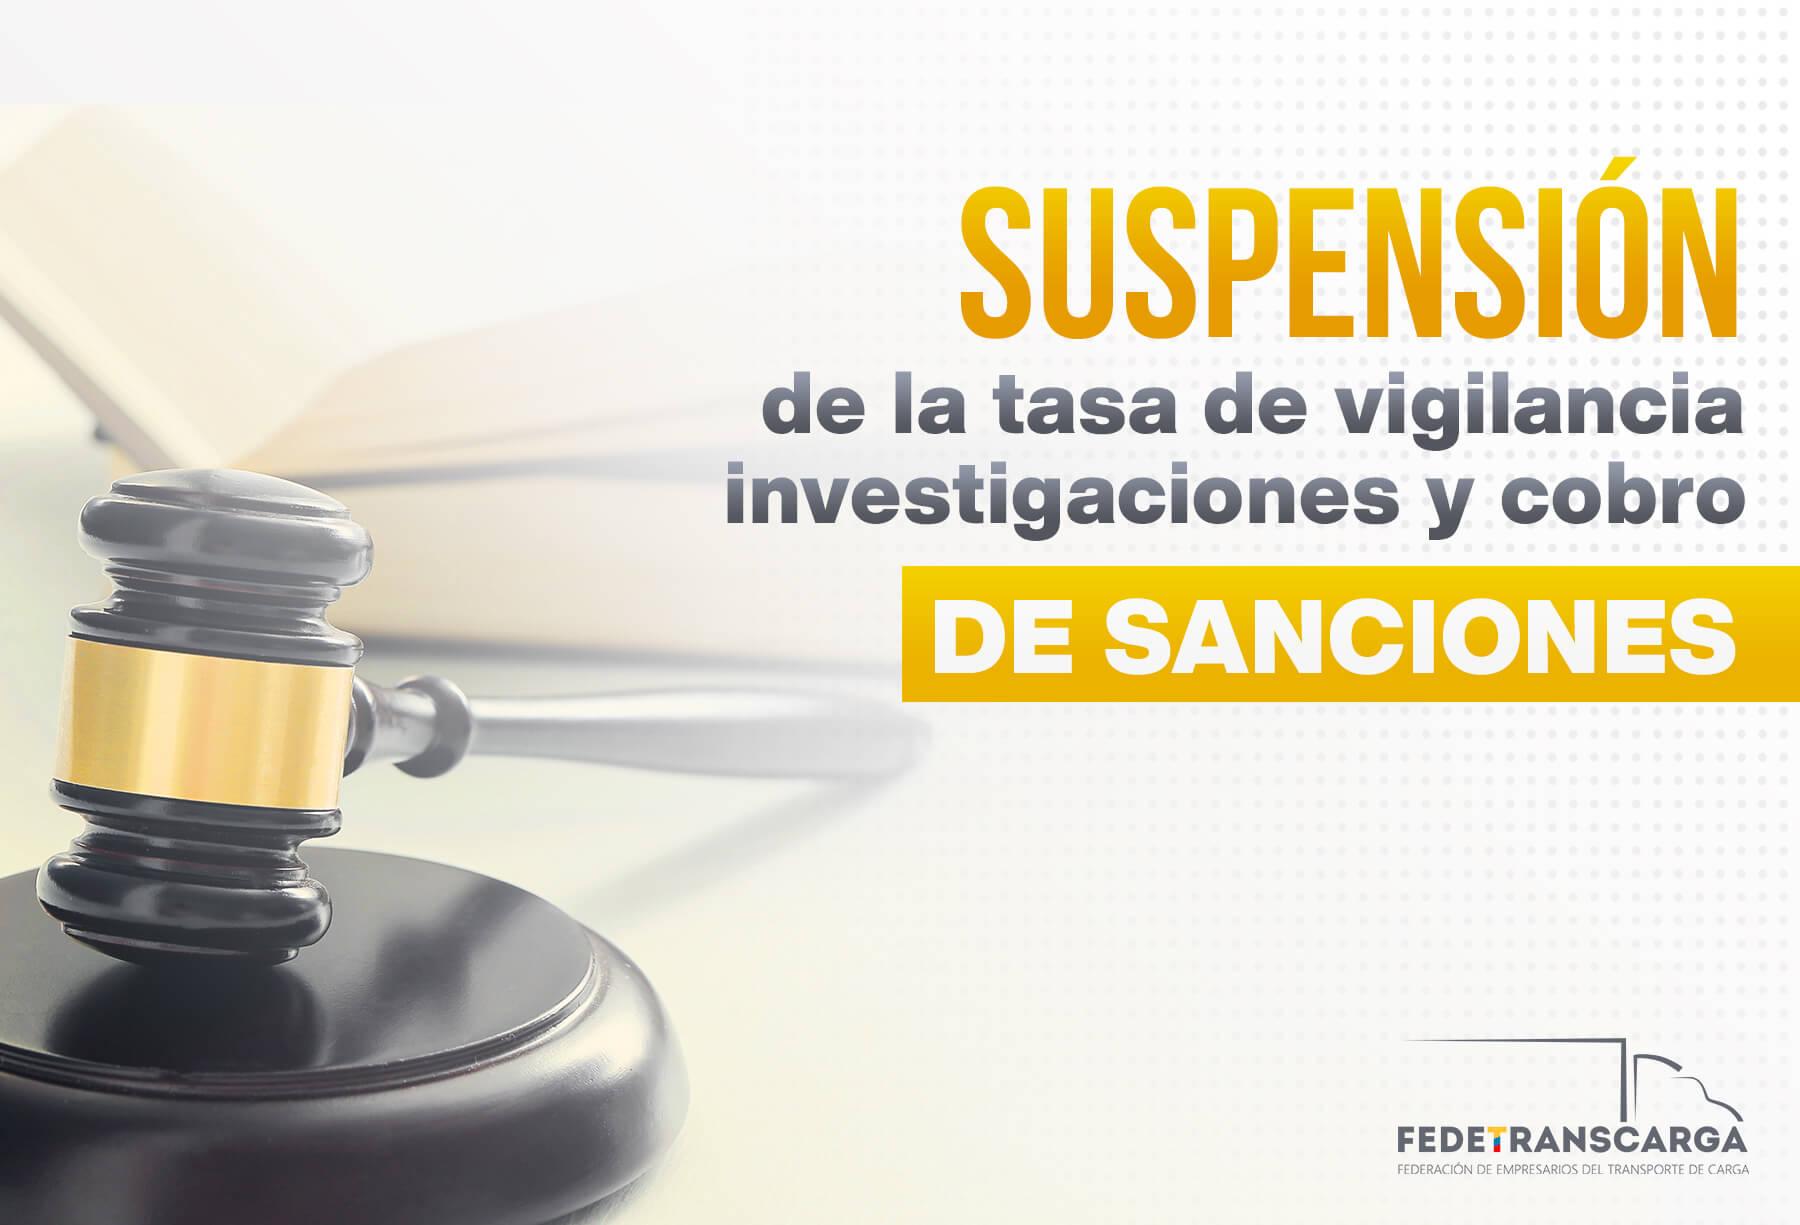 Suspensión de la tasa de vigilancia e investigaciones y cobro de sanciones